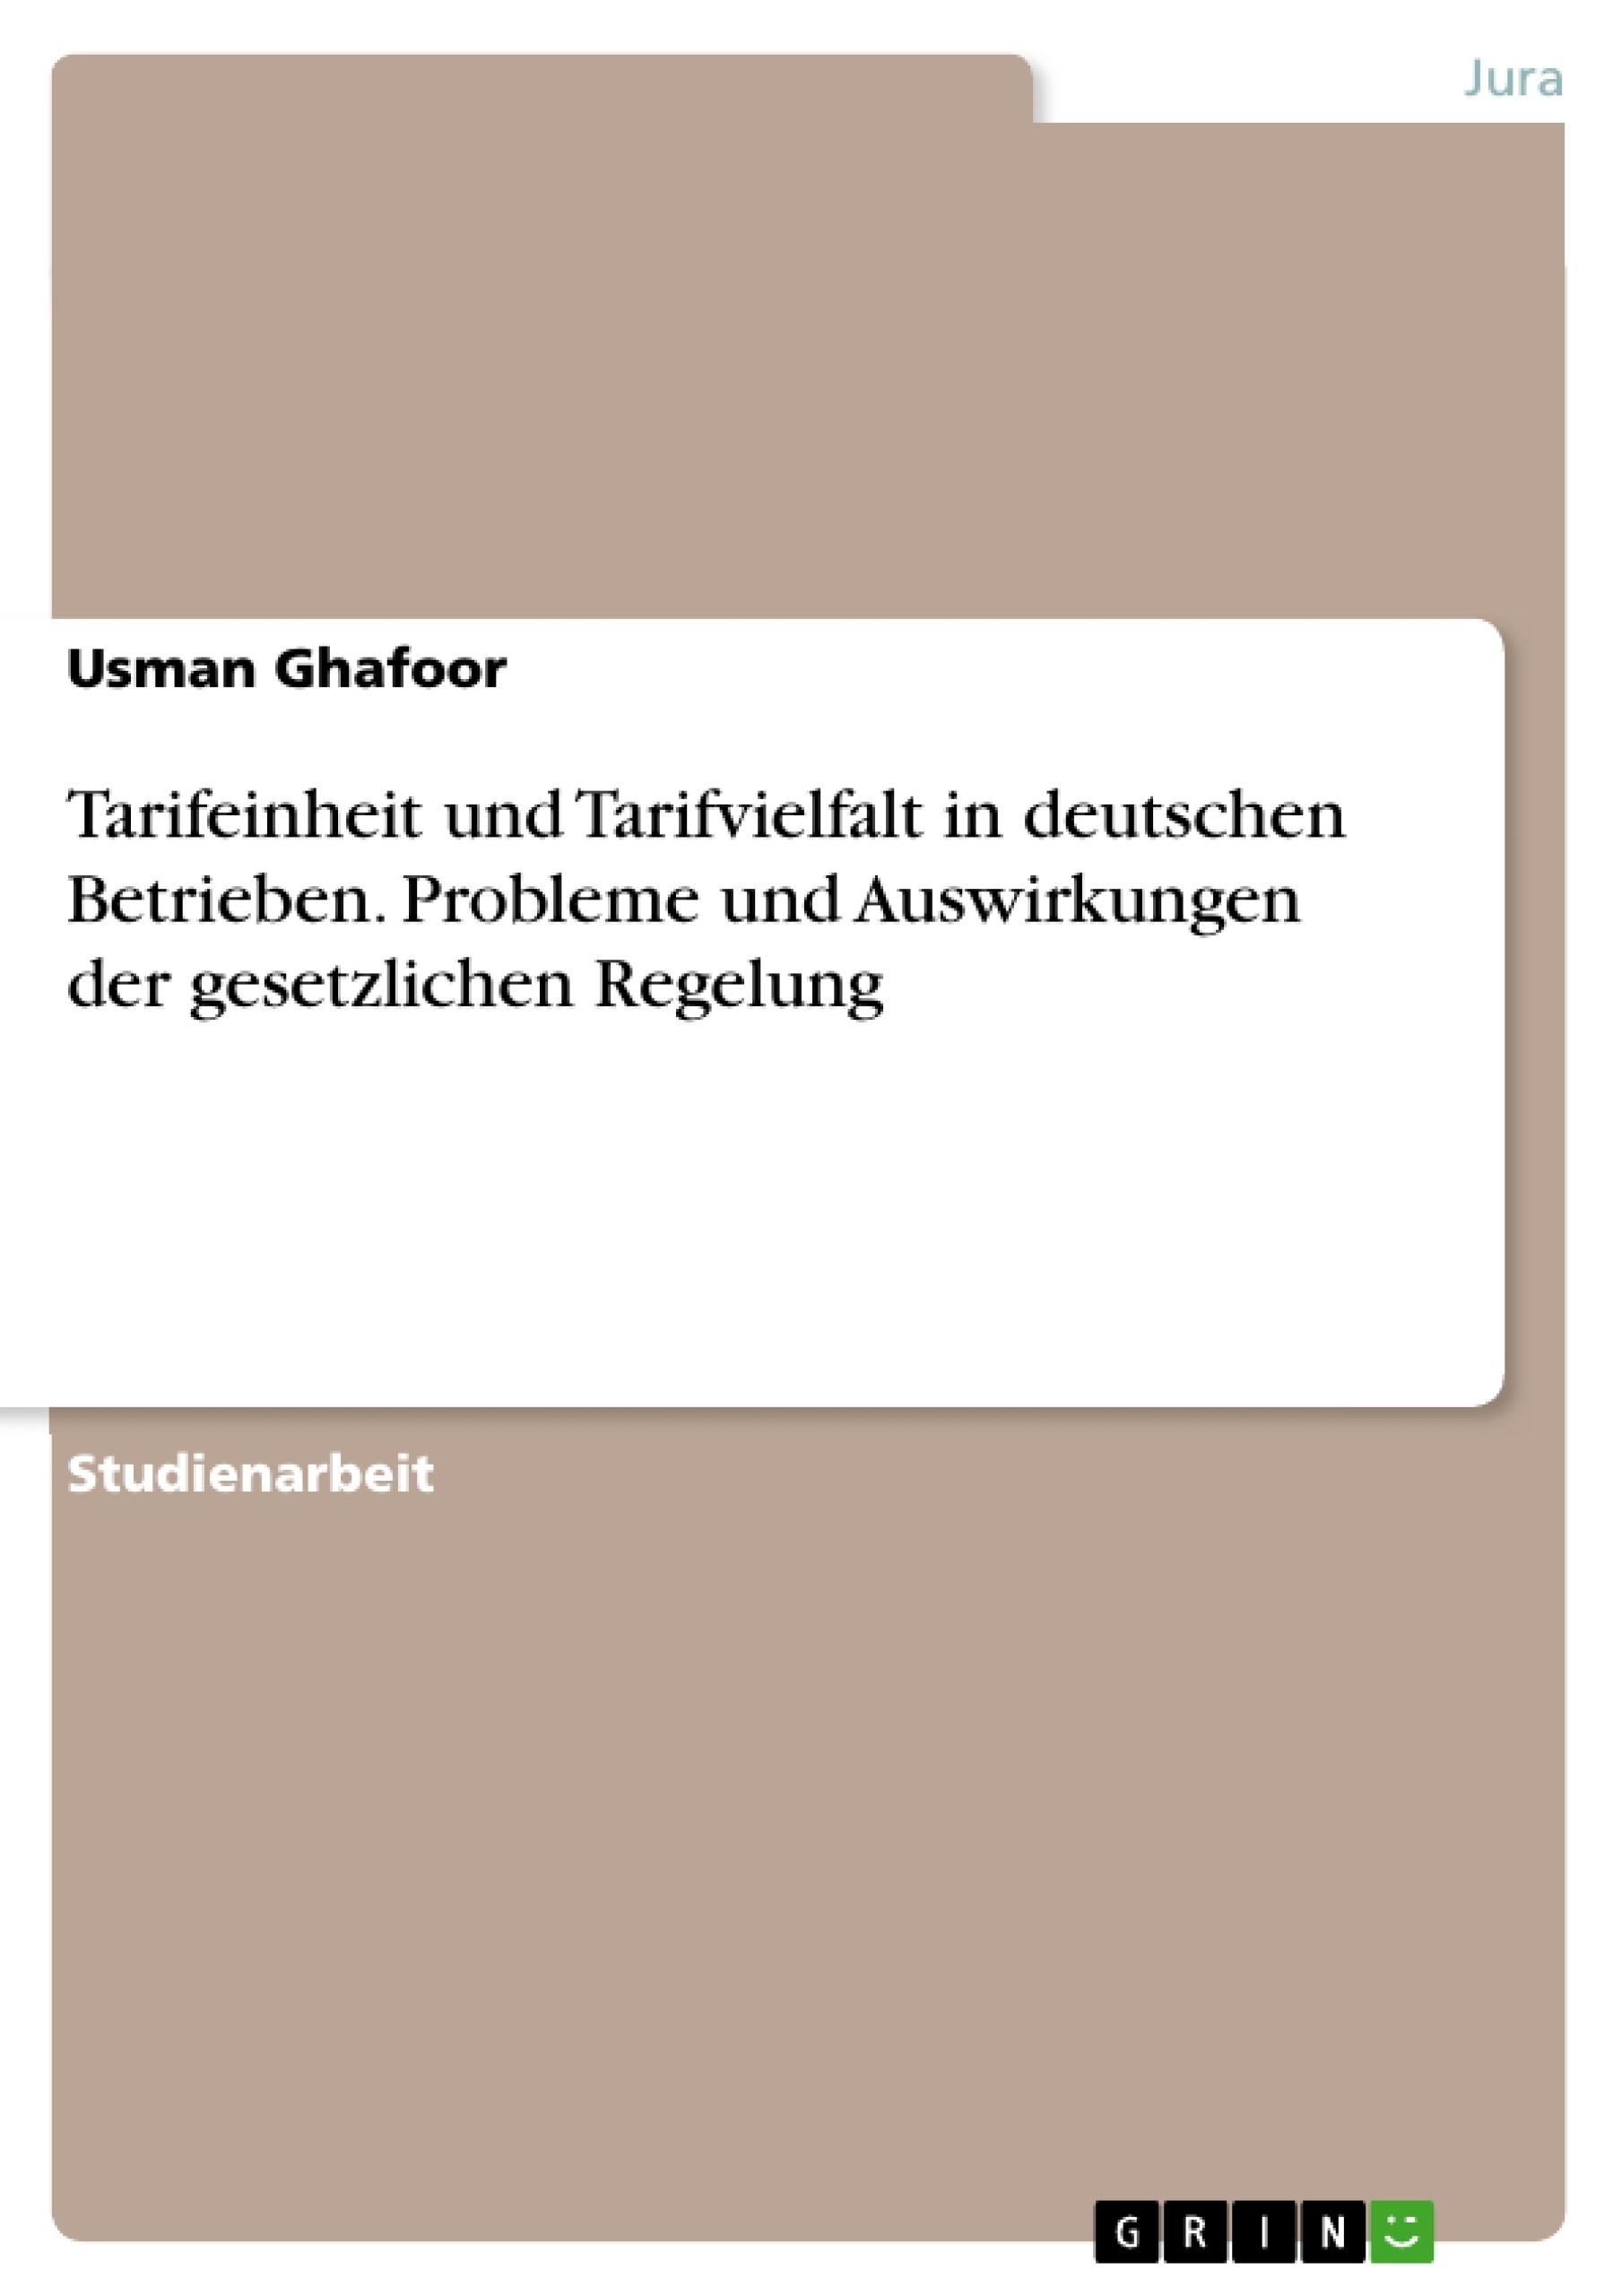 Titel: Tarifeinheit und Tarifvielfalt in deutschen Betrieben. Probleme und Auswirkungen der gesetzlichen Regelung